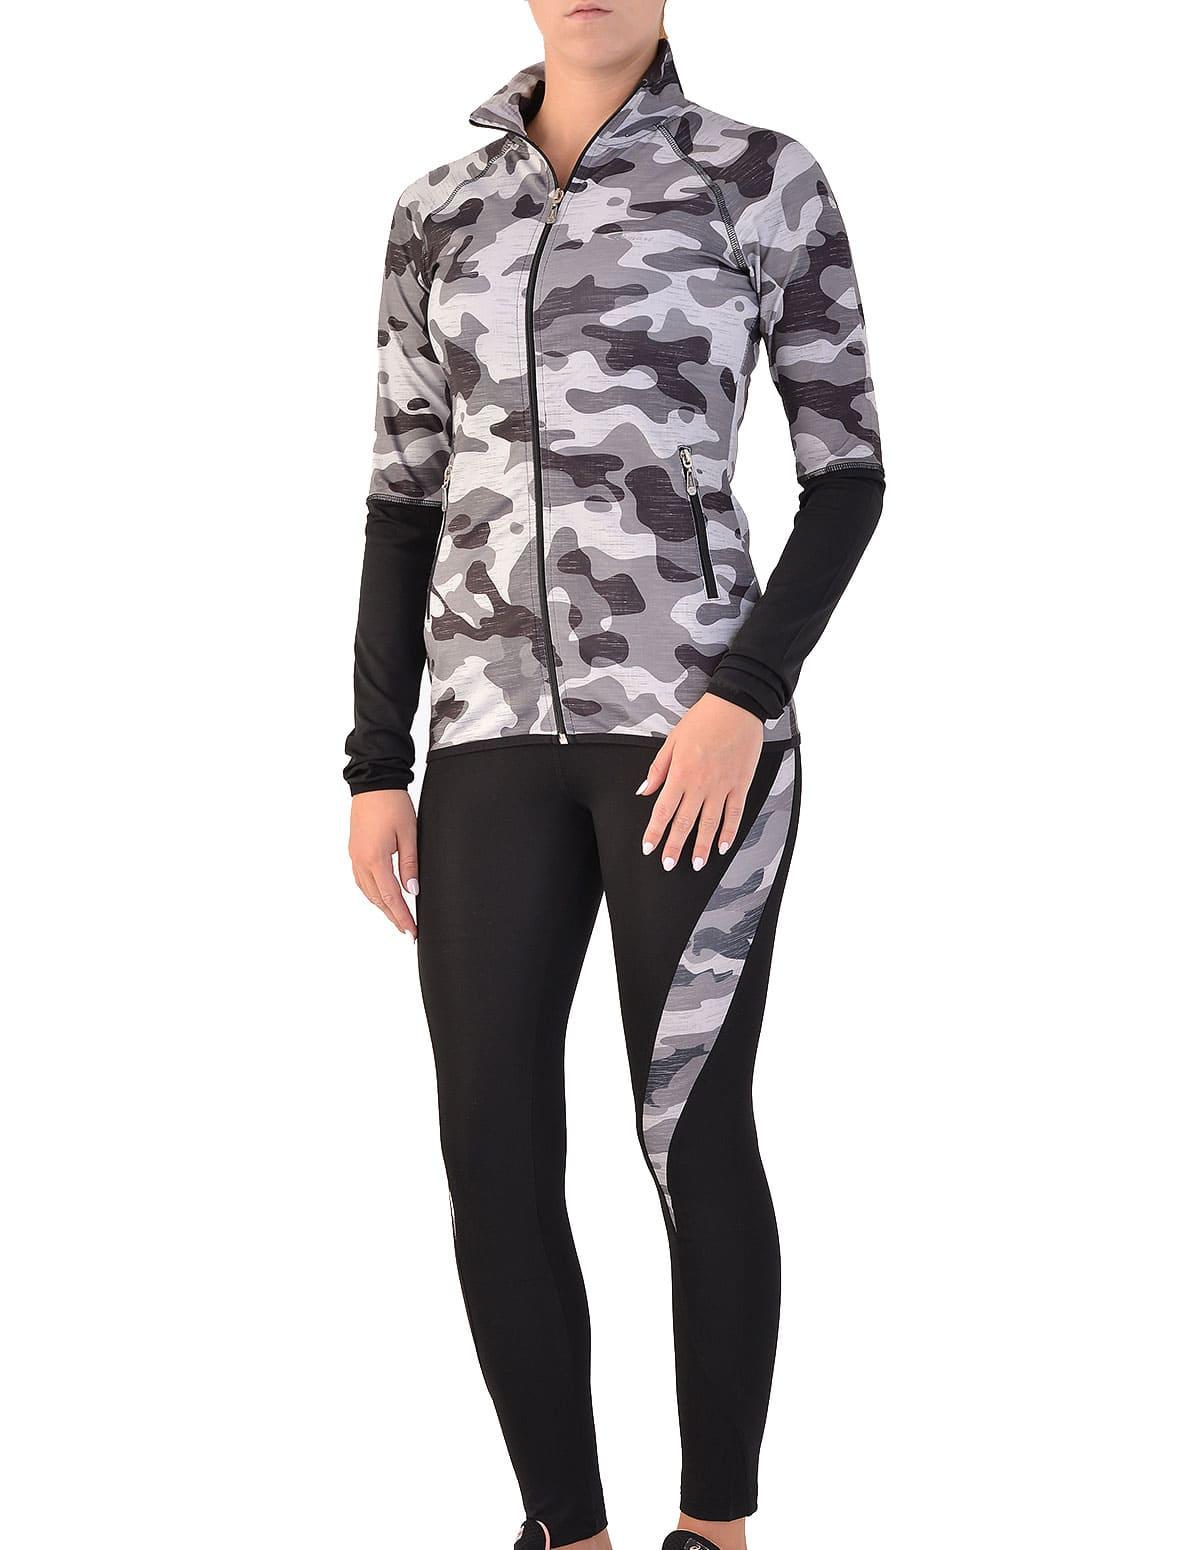 Γυναικείο σετ ζακέτα και κολάν με σχέδιο παραλλαγής - vactive.gr c8a004b51a3